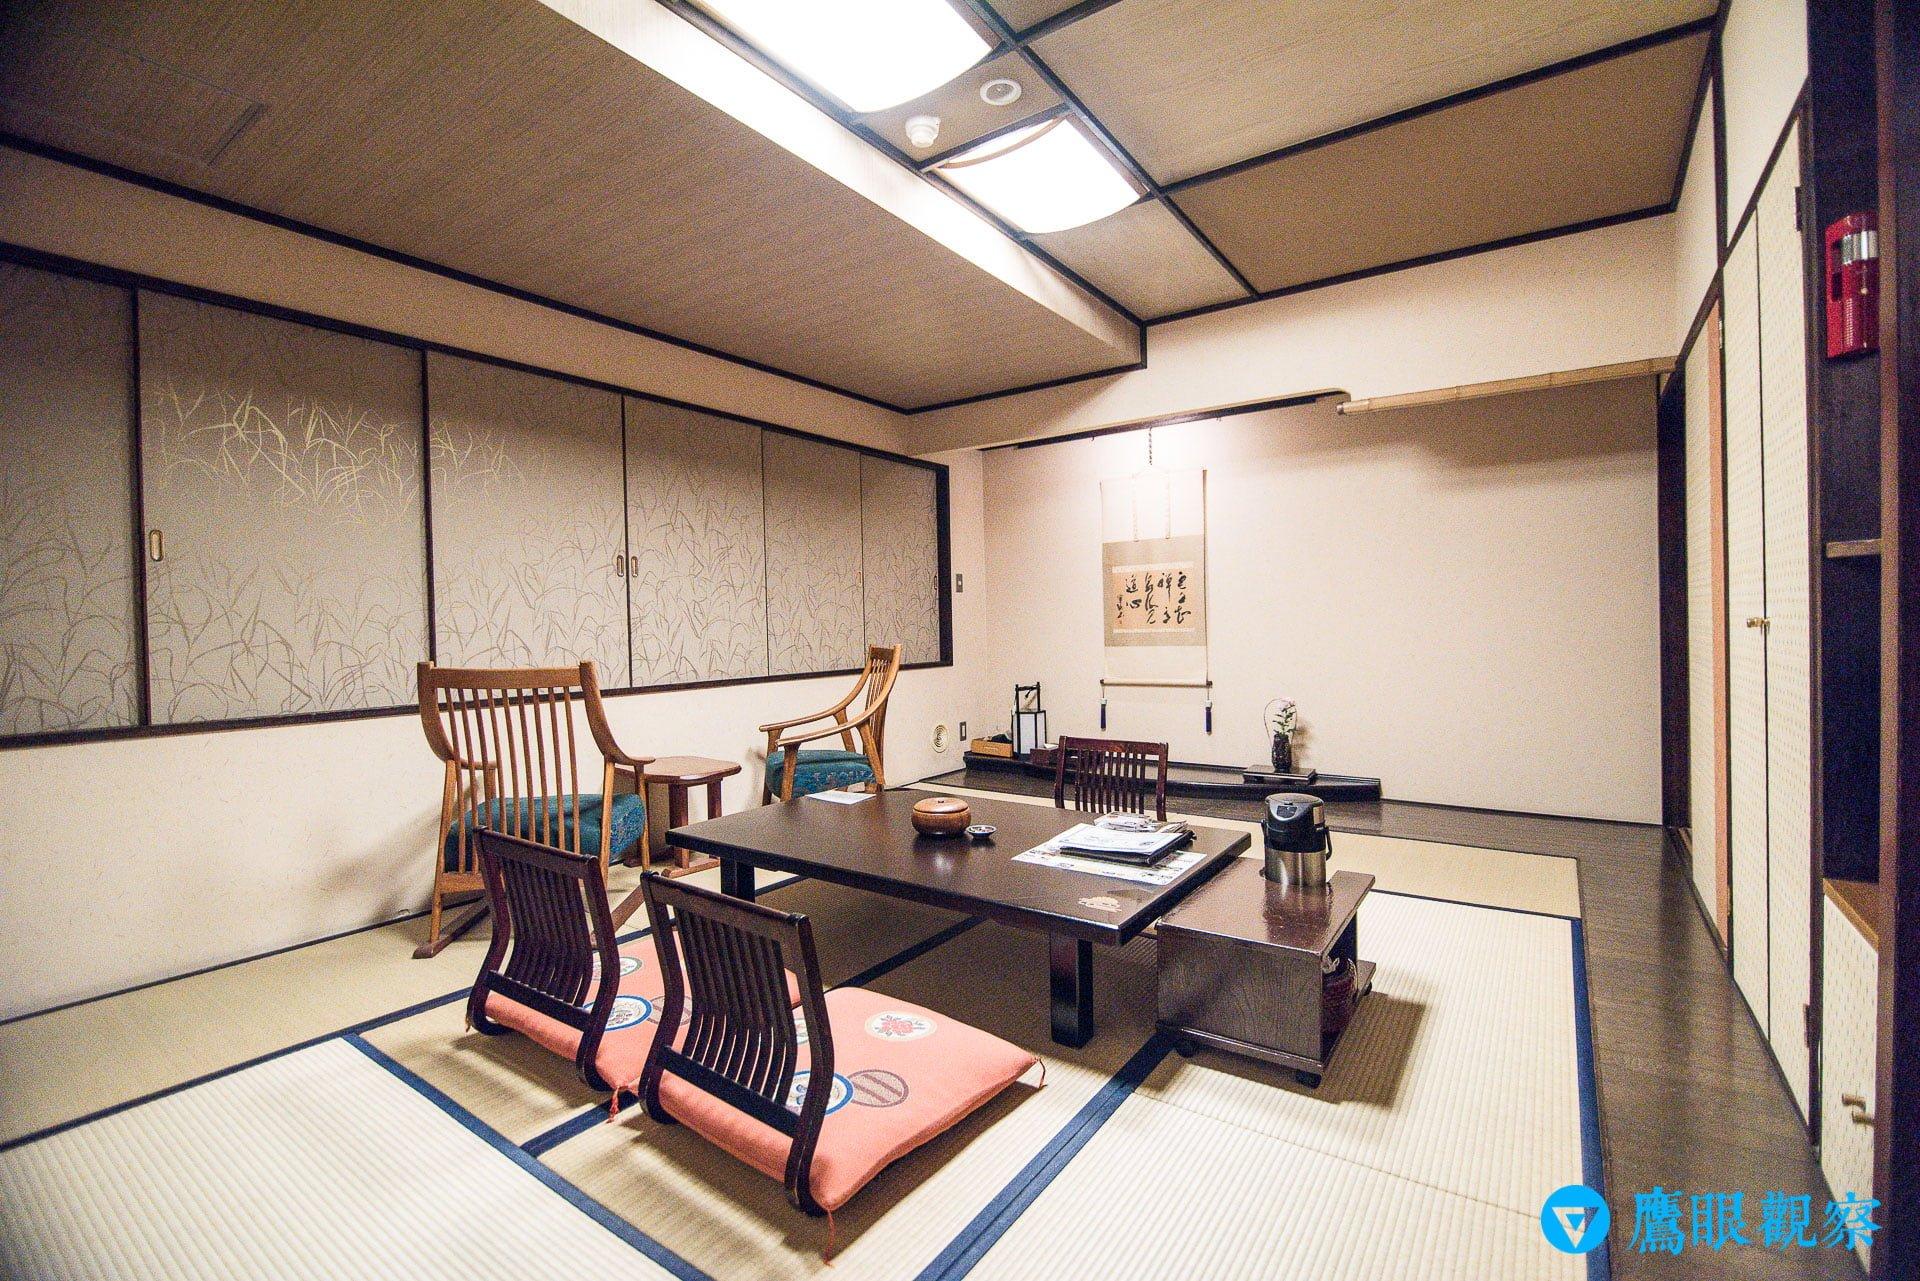 travel Japan gunma kishigon ryokan hotel in izumo spa hot spring 4 群馬縣伊香保溫泉「岸權旅館」日本旅館住宿推薦